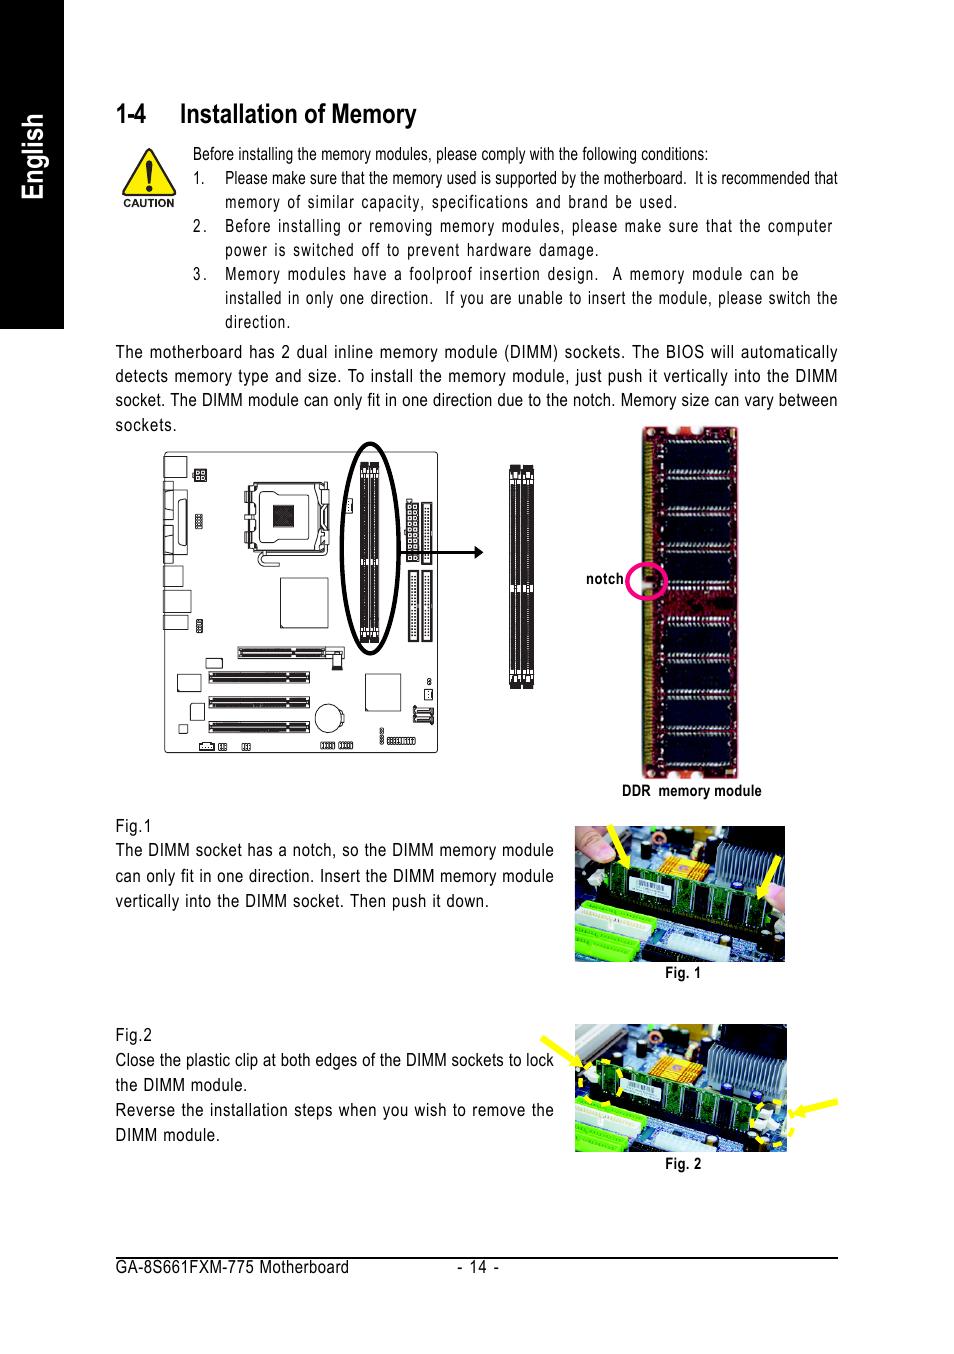 English | GIGABYTE GA-8S661FXM-775 User Manual | Page 14 / 88